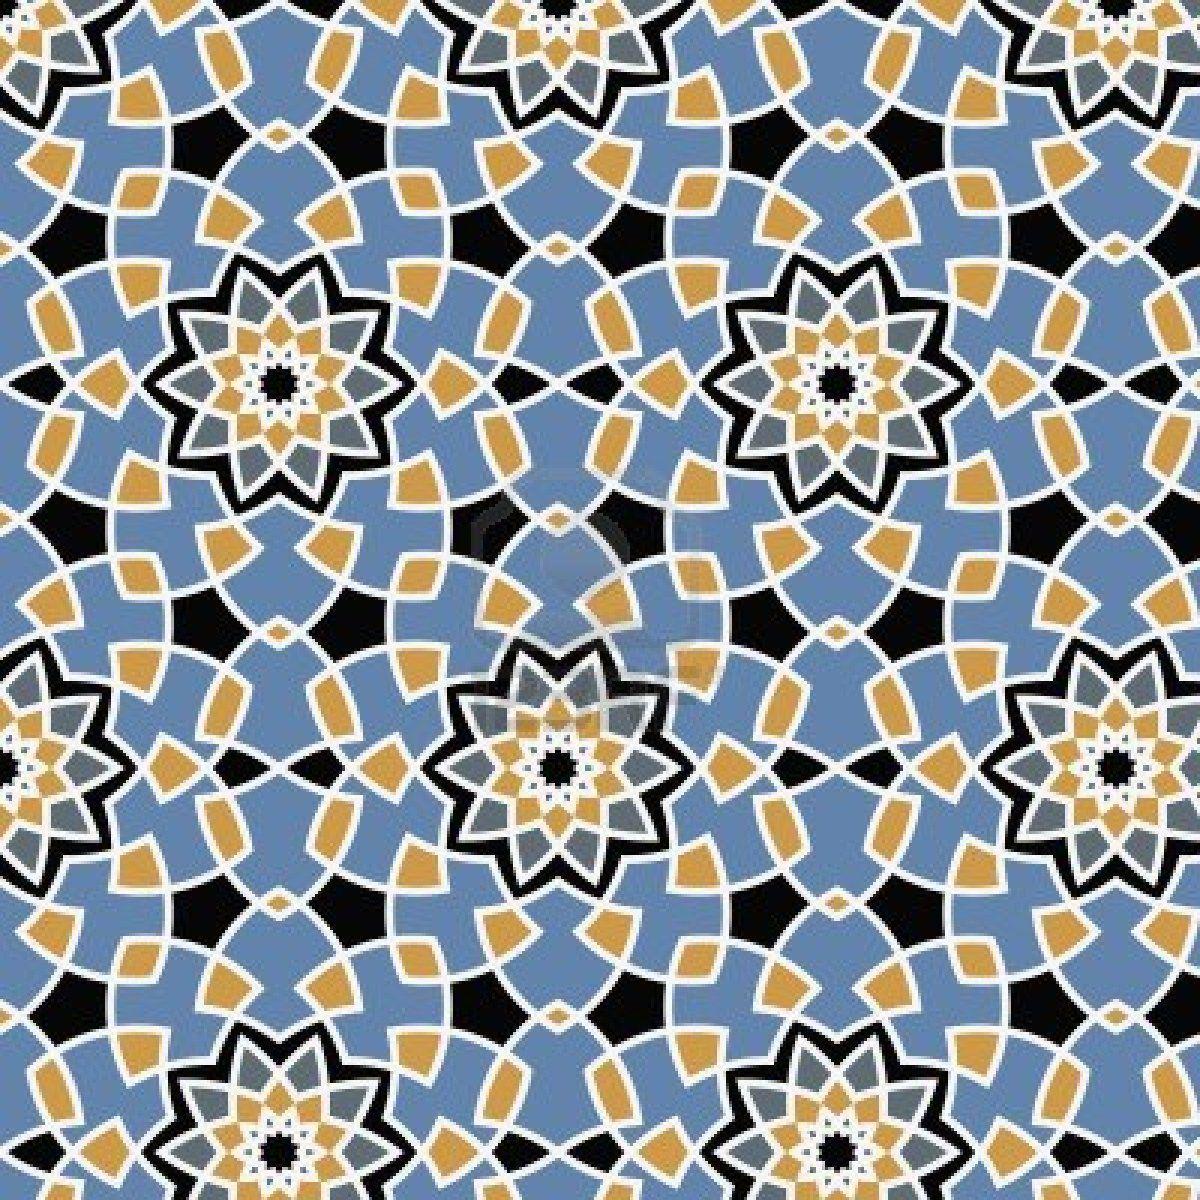 Design - Arabasque